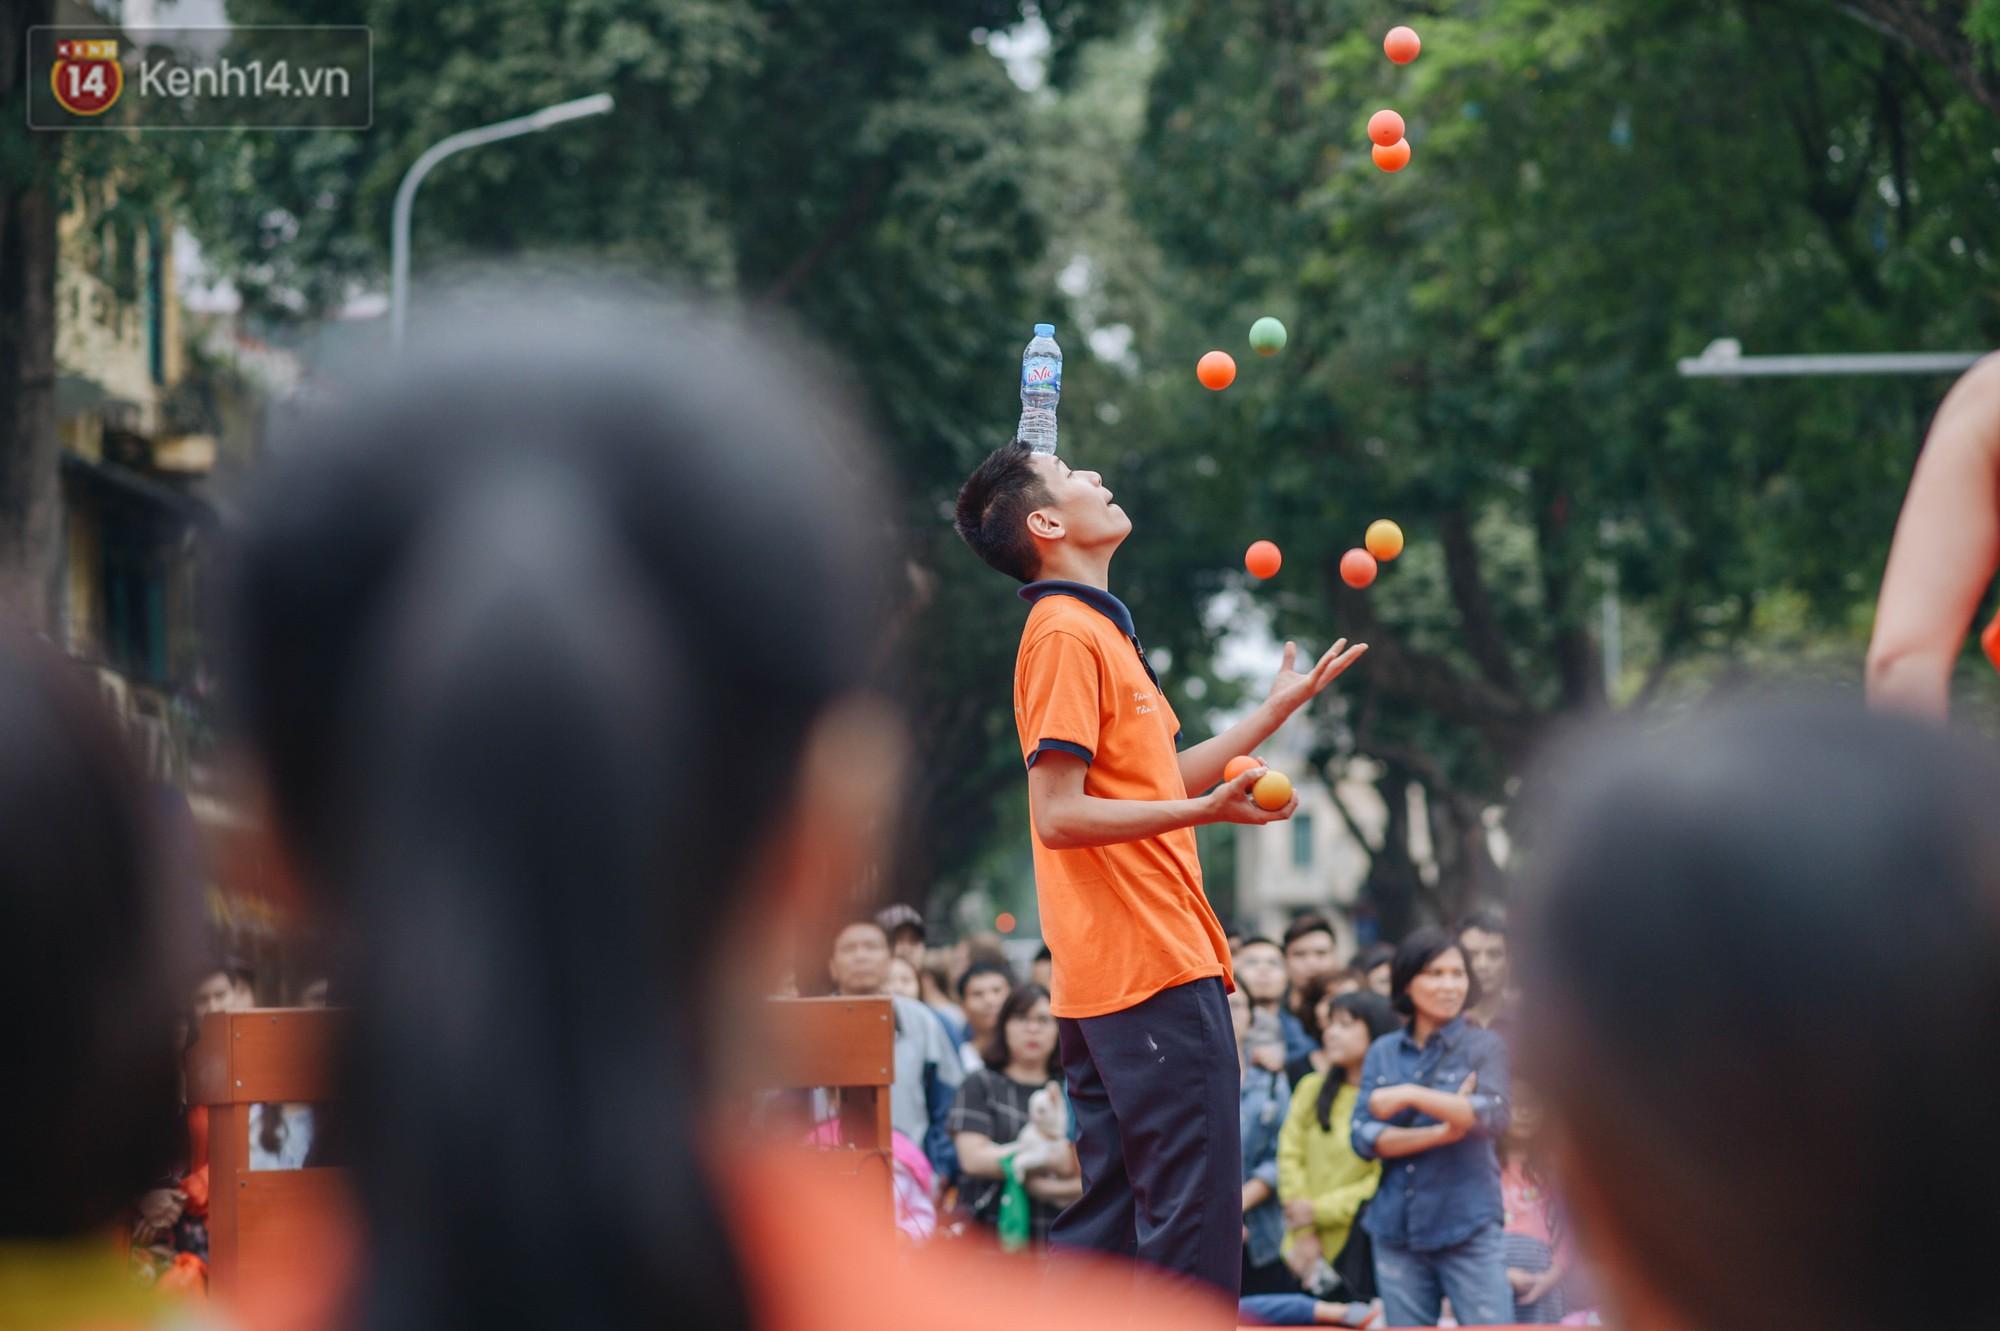 Một người cha Hà Nội viết nên cổ tích cho con trai tự kỷ thoát án chung thân, trở thành kỷ lục gia xiếc nhí Việt Nam - Ảnh 9.